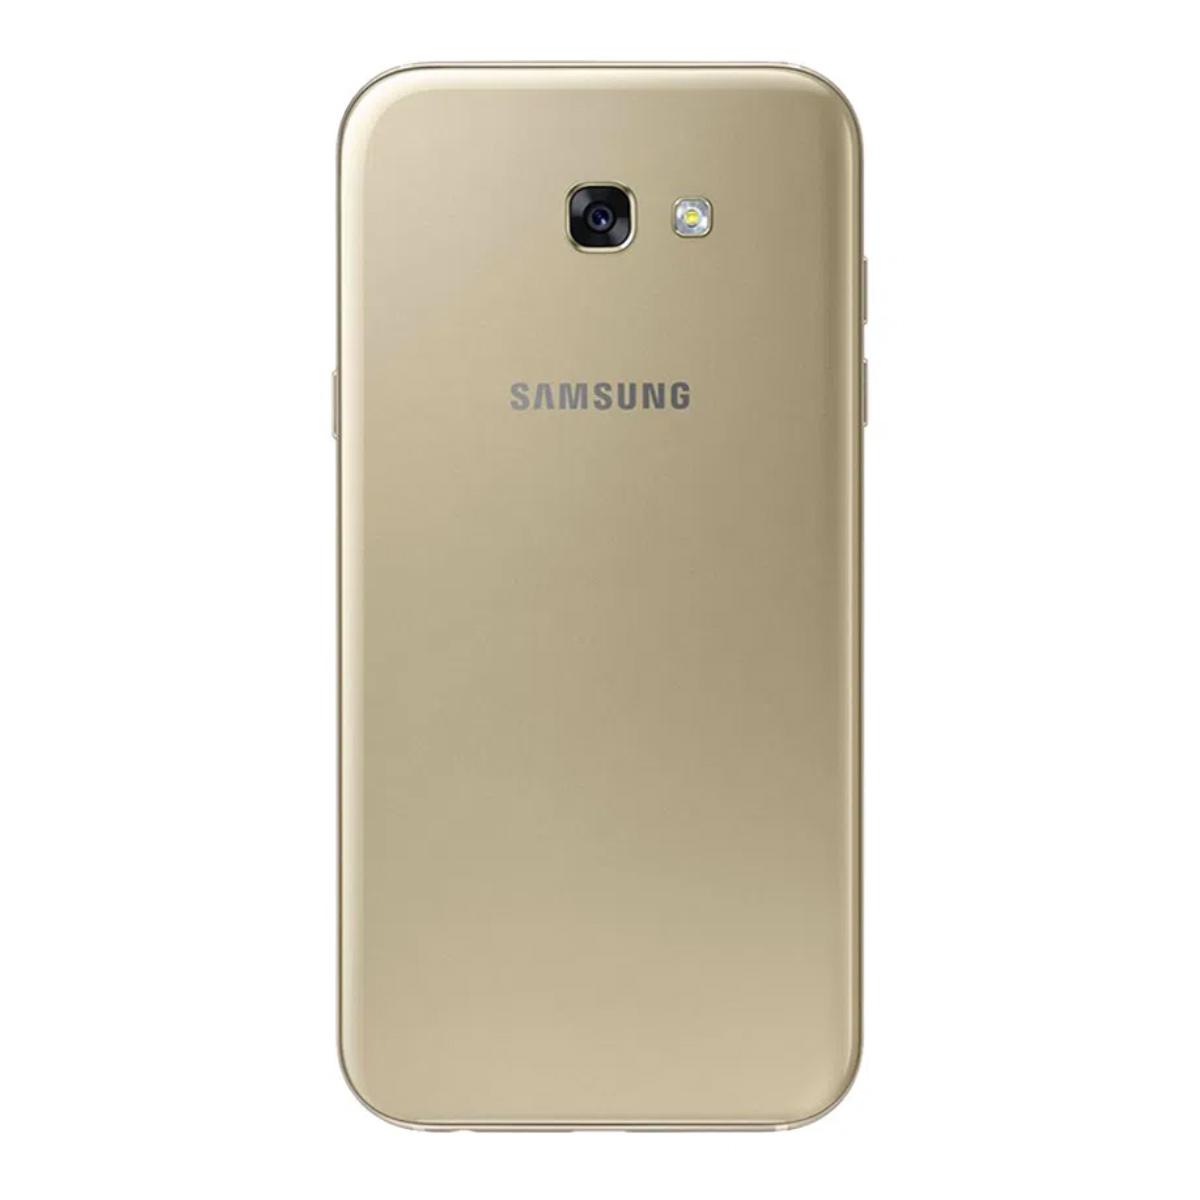 Samsung Galaxy A7 2017 A720 64GB Tela 5.7' 3GB Ram Burn-in